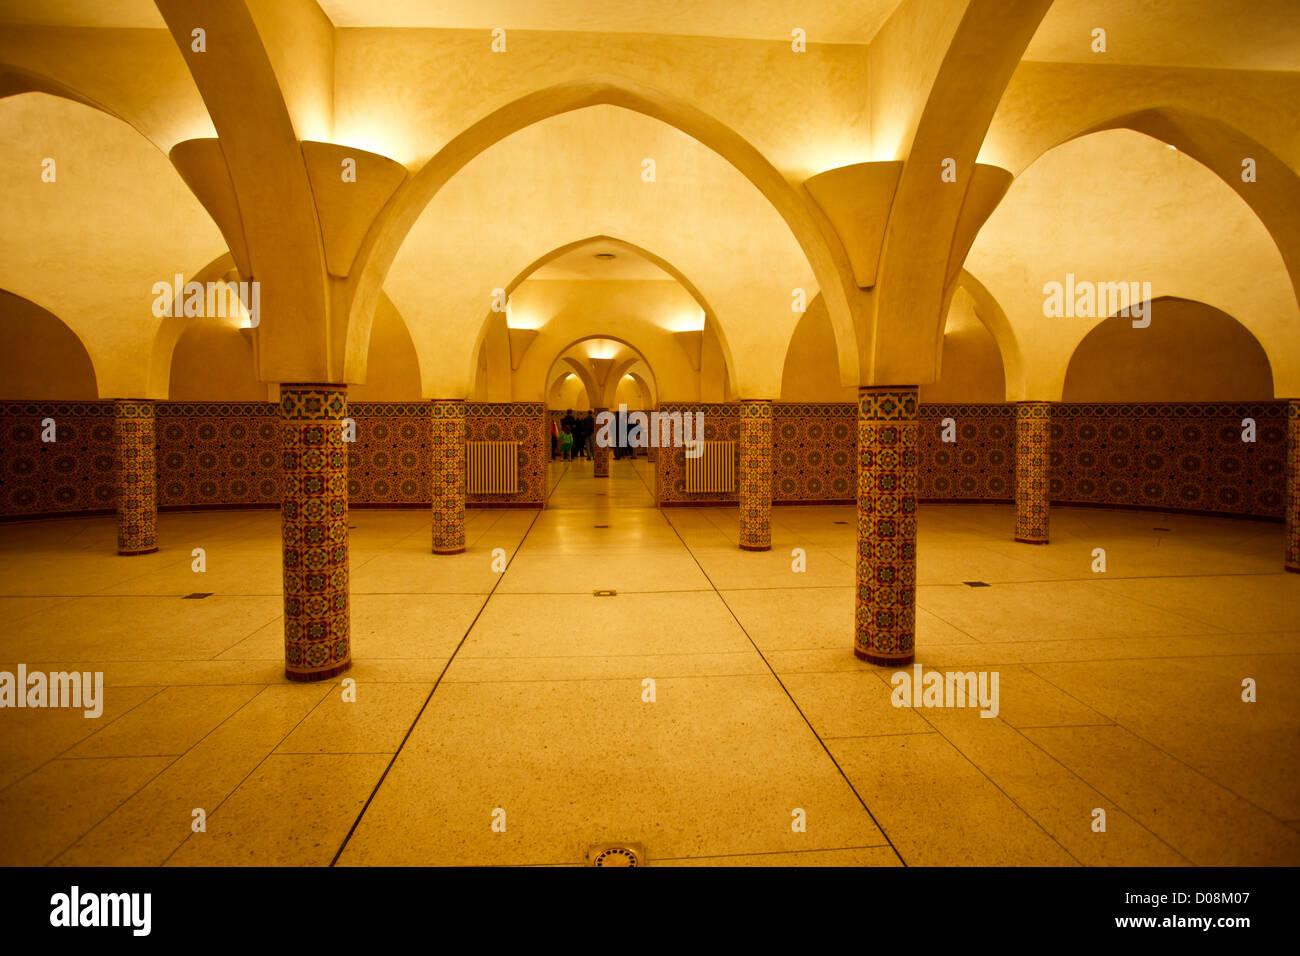 Interno illuminato da archi e piastrelle a mosaico opera di hammam